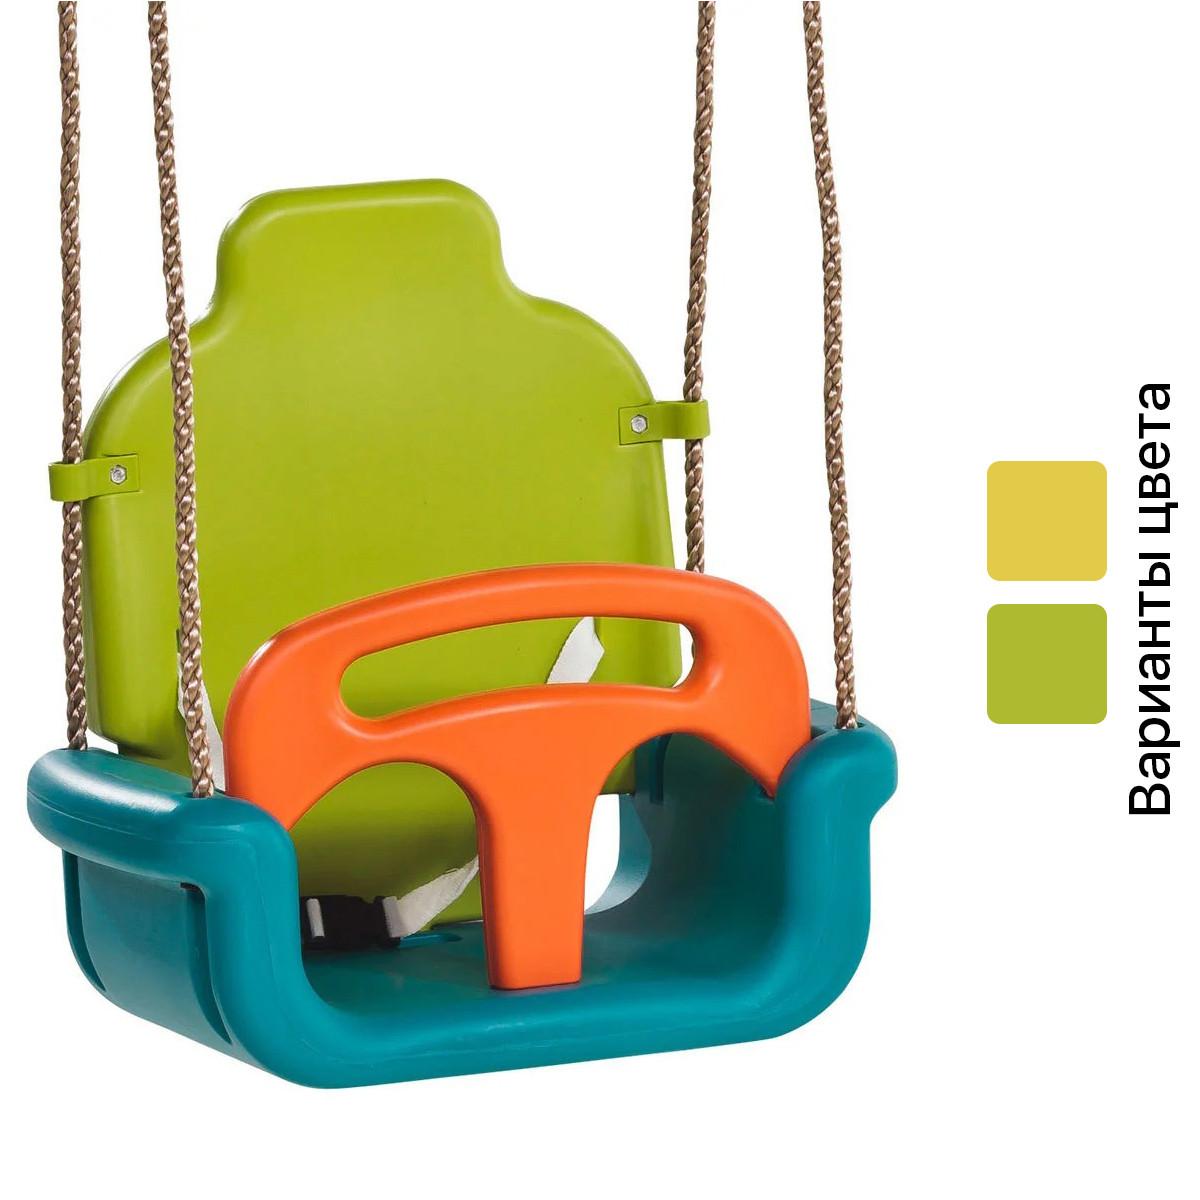 Качели детские подвесные KBT «Гров» с защитой Бельгия (гойдалка дитяча підвісна з захистом КБТ Бельгія)